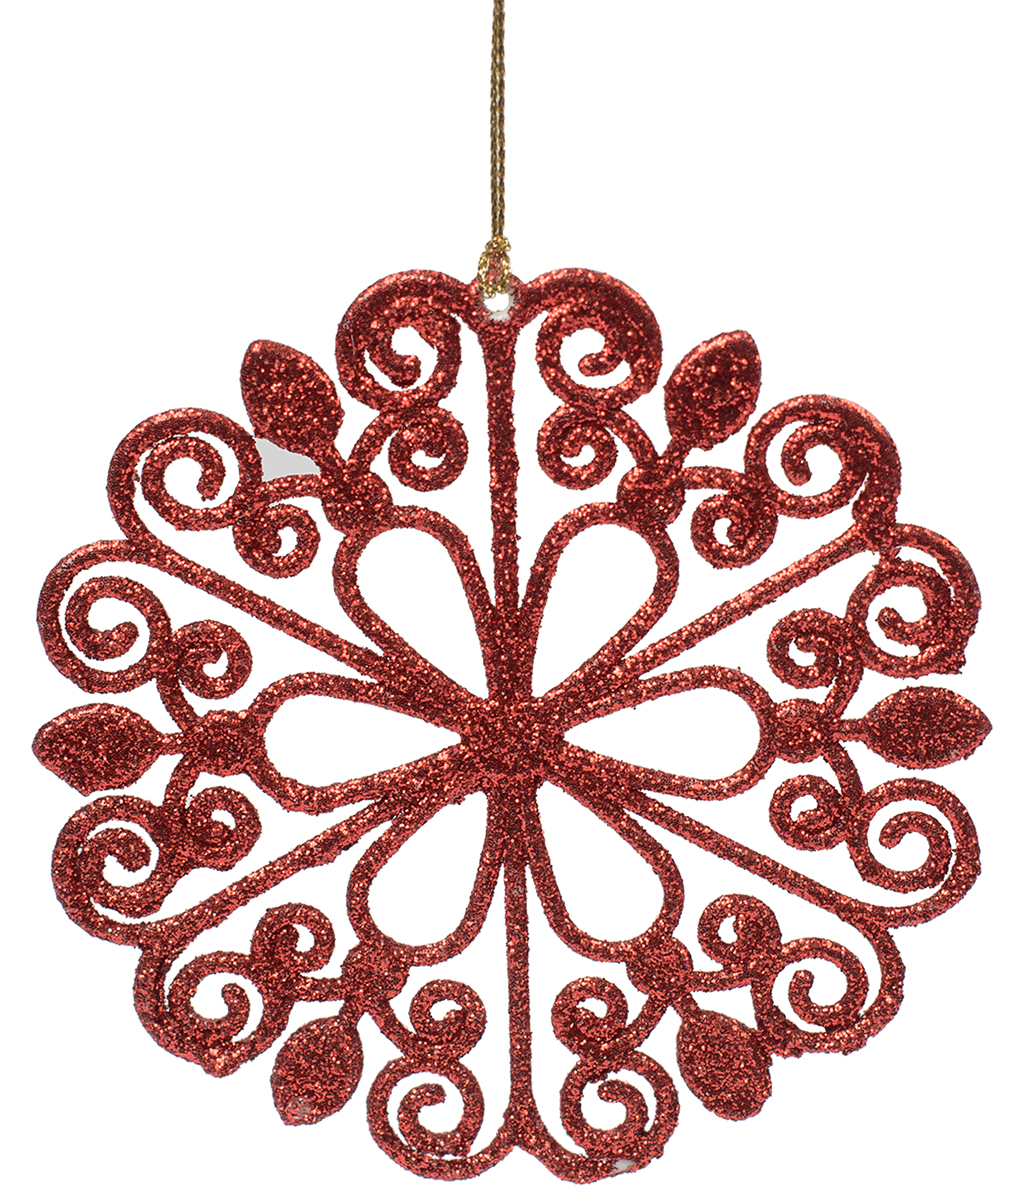 Новогоднее подвесное украшение Magic Time Цветок, цвет: красный. 7510275102Новогоднее украшение Magic Time, выполненное из полипропилена, отлично подойдет для декорации вашего дома и новогодней ели. С помощью специальной петельки украшение можно повесить в любом понравившемся вам месте. Но, конечно, удачнее всего оно будет смотреться на праздничной елке.Елочная игрушка - символ Нового года. Она несет в себе волшебство и красоту праздника. Такое украшение создаст в вашем доме атмосферу праздника, веселья и радости.